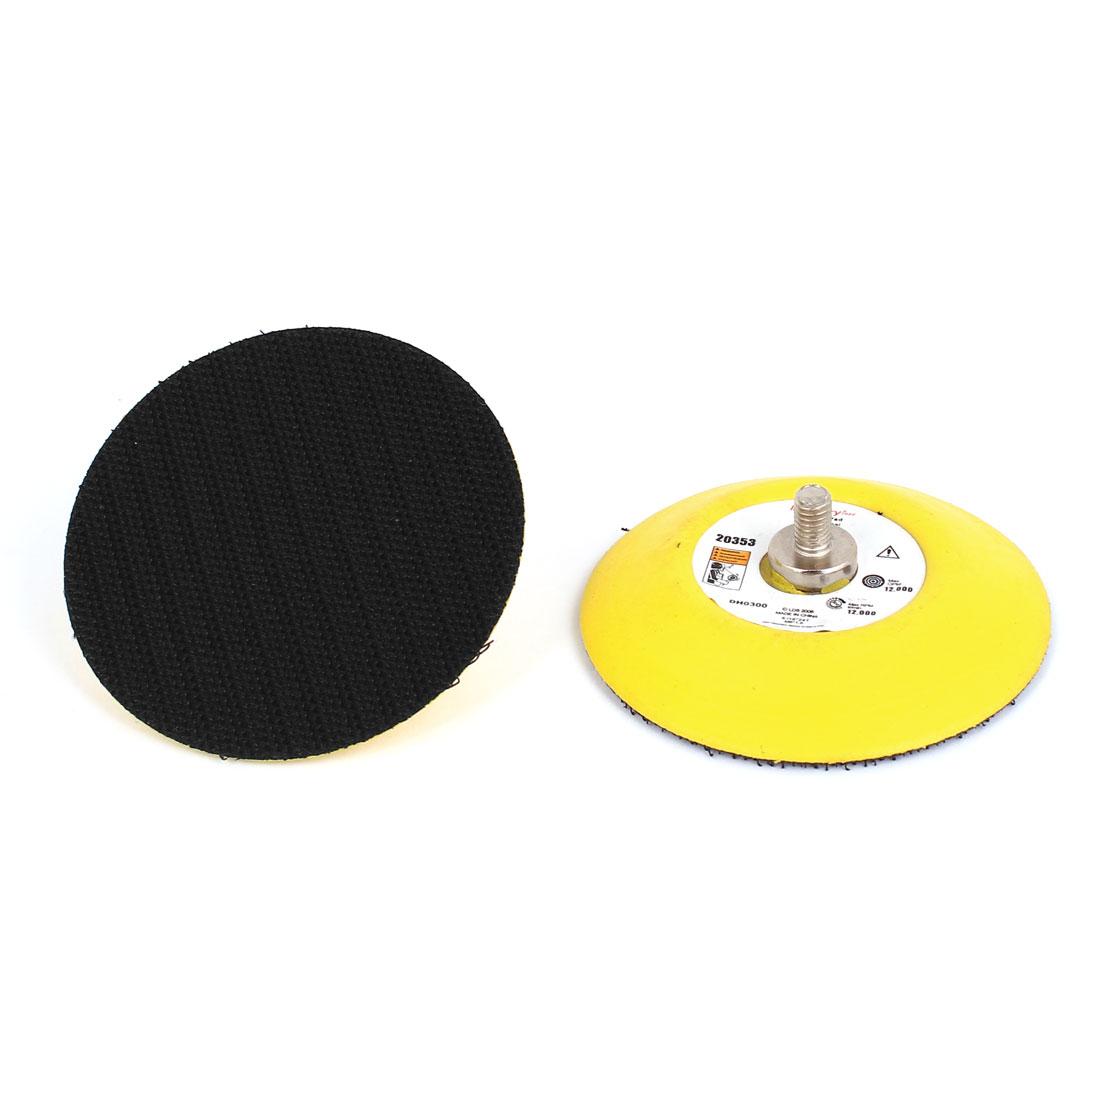 """2 Pcs 3"""" 7.5cm Hook Loop Face Sanding Pad Air Vacuum Sander Grinder Tools"""